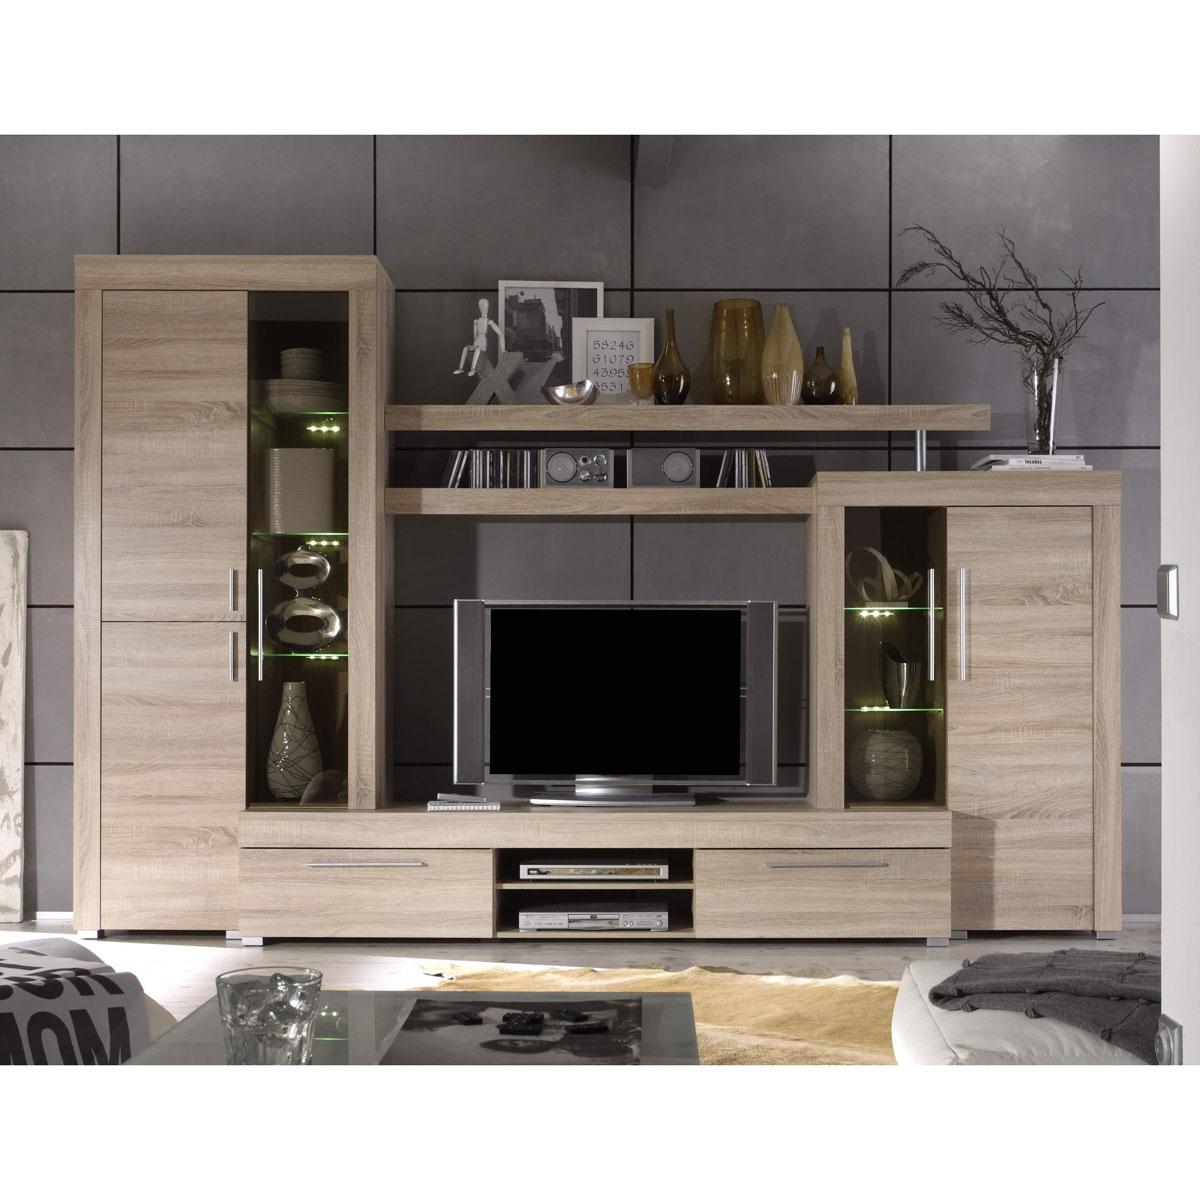 sonoma eiche mbel bro mbel system transform wei with sonoma eiche mbel trendy grande sonoma. Black Bedroom Furniture Sets. Home Design Ideas